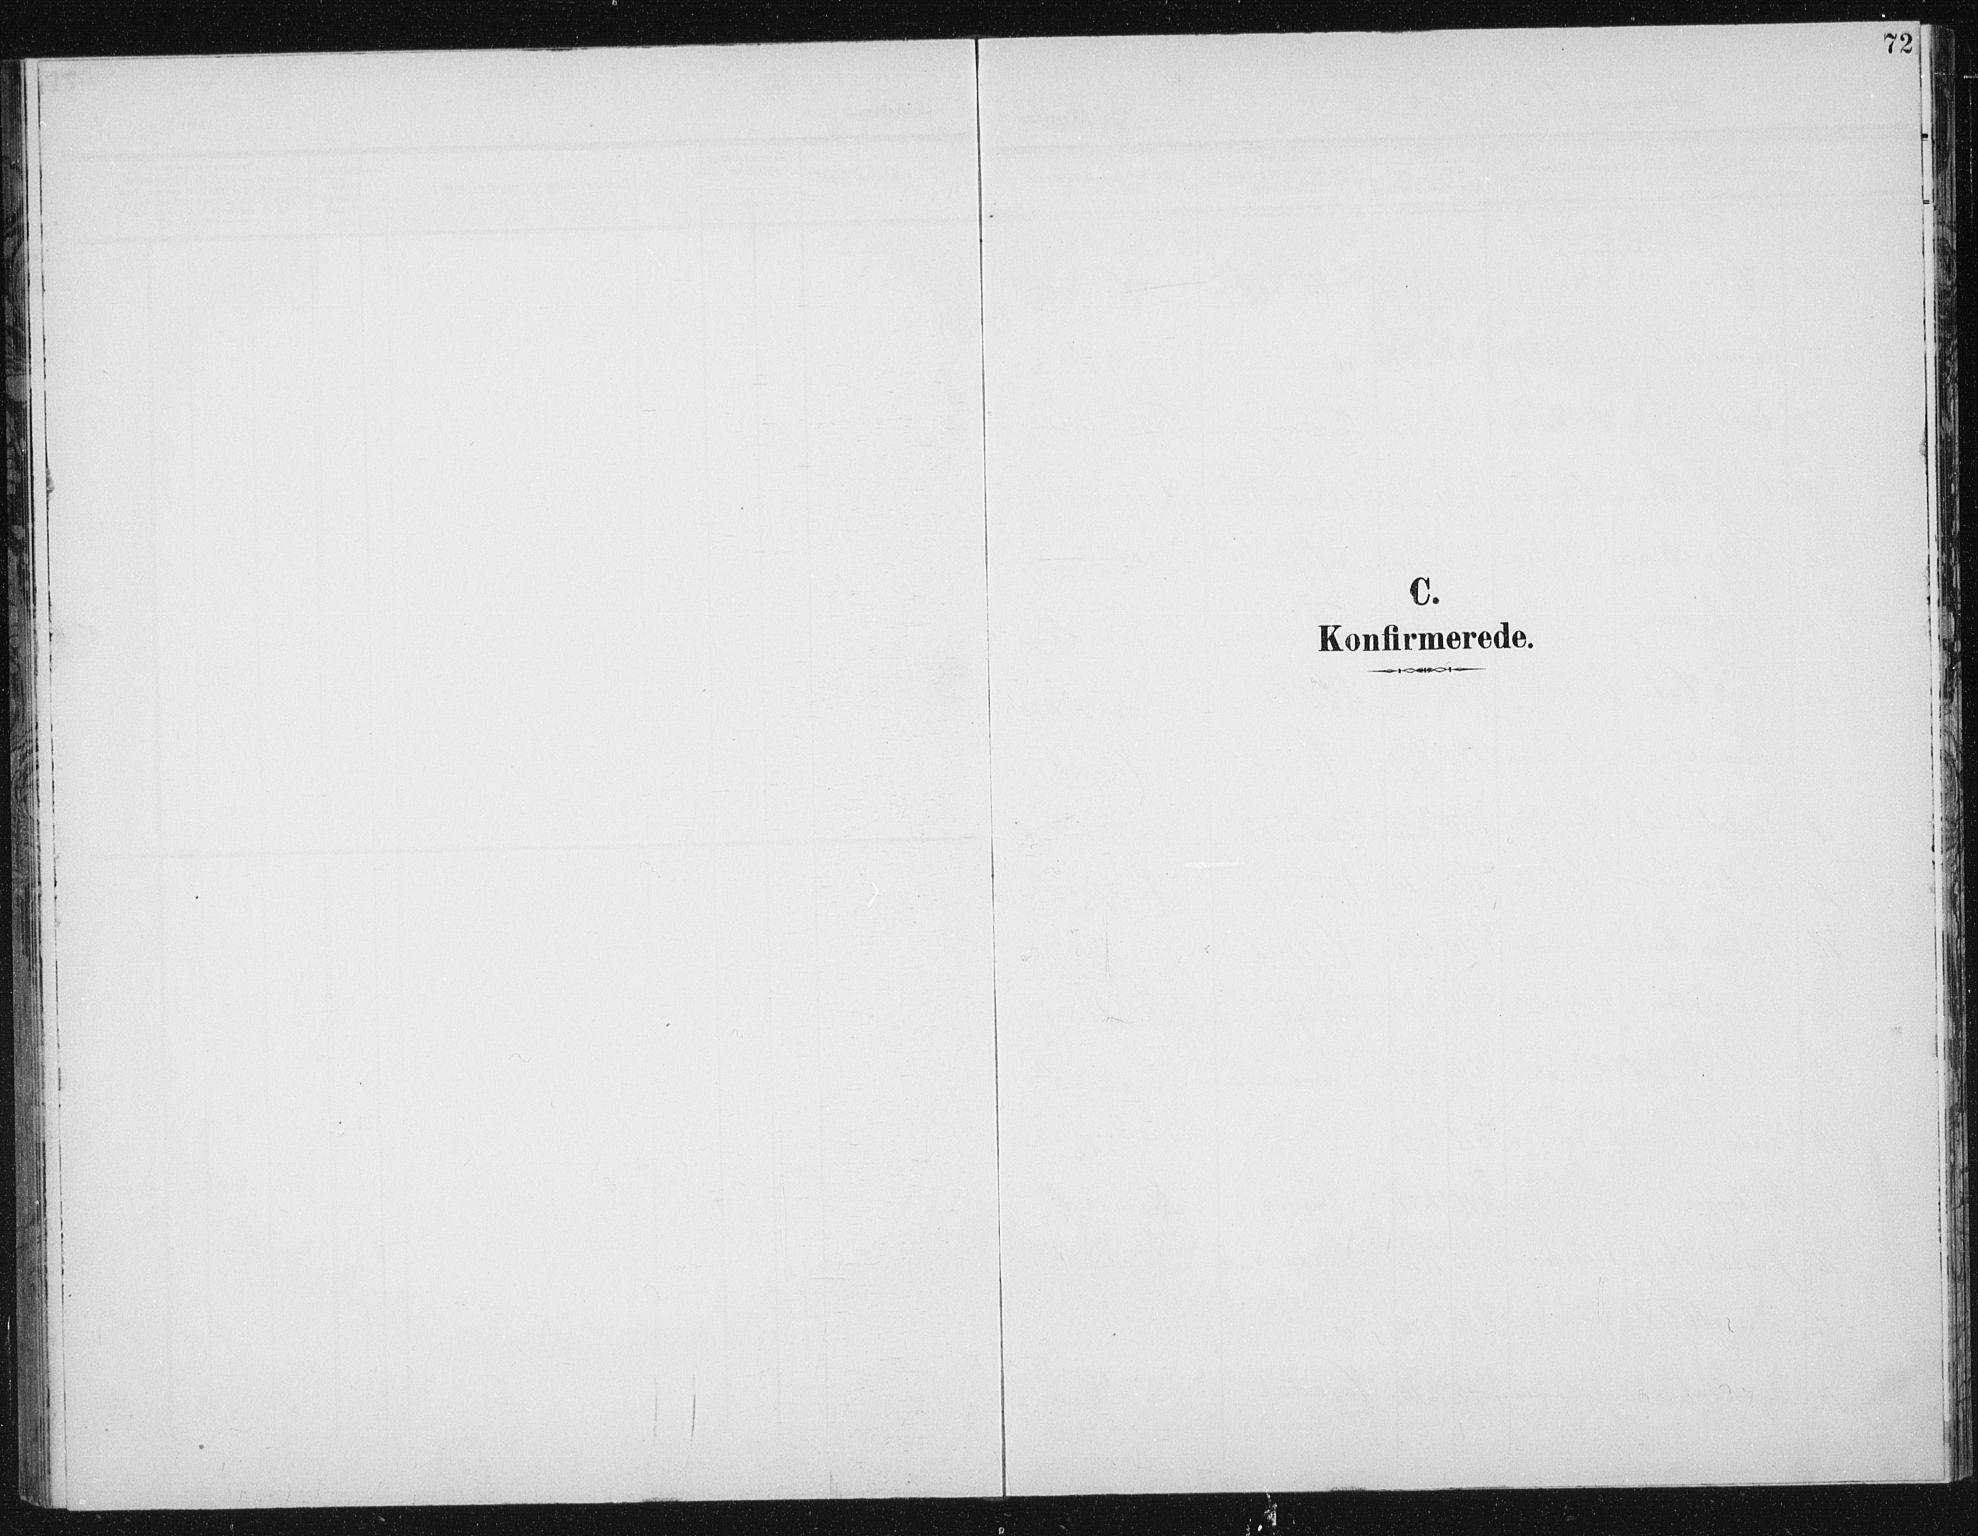 SAT, Ministerialprotokoller, klokkerbøker og fødselsregistre - Sør-Trøndelag, 656/L0699: Klokkerbok nr. 656C05, 1905-1920, s. 72